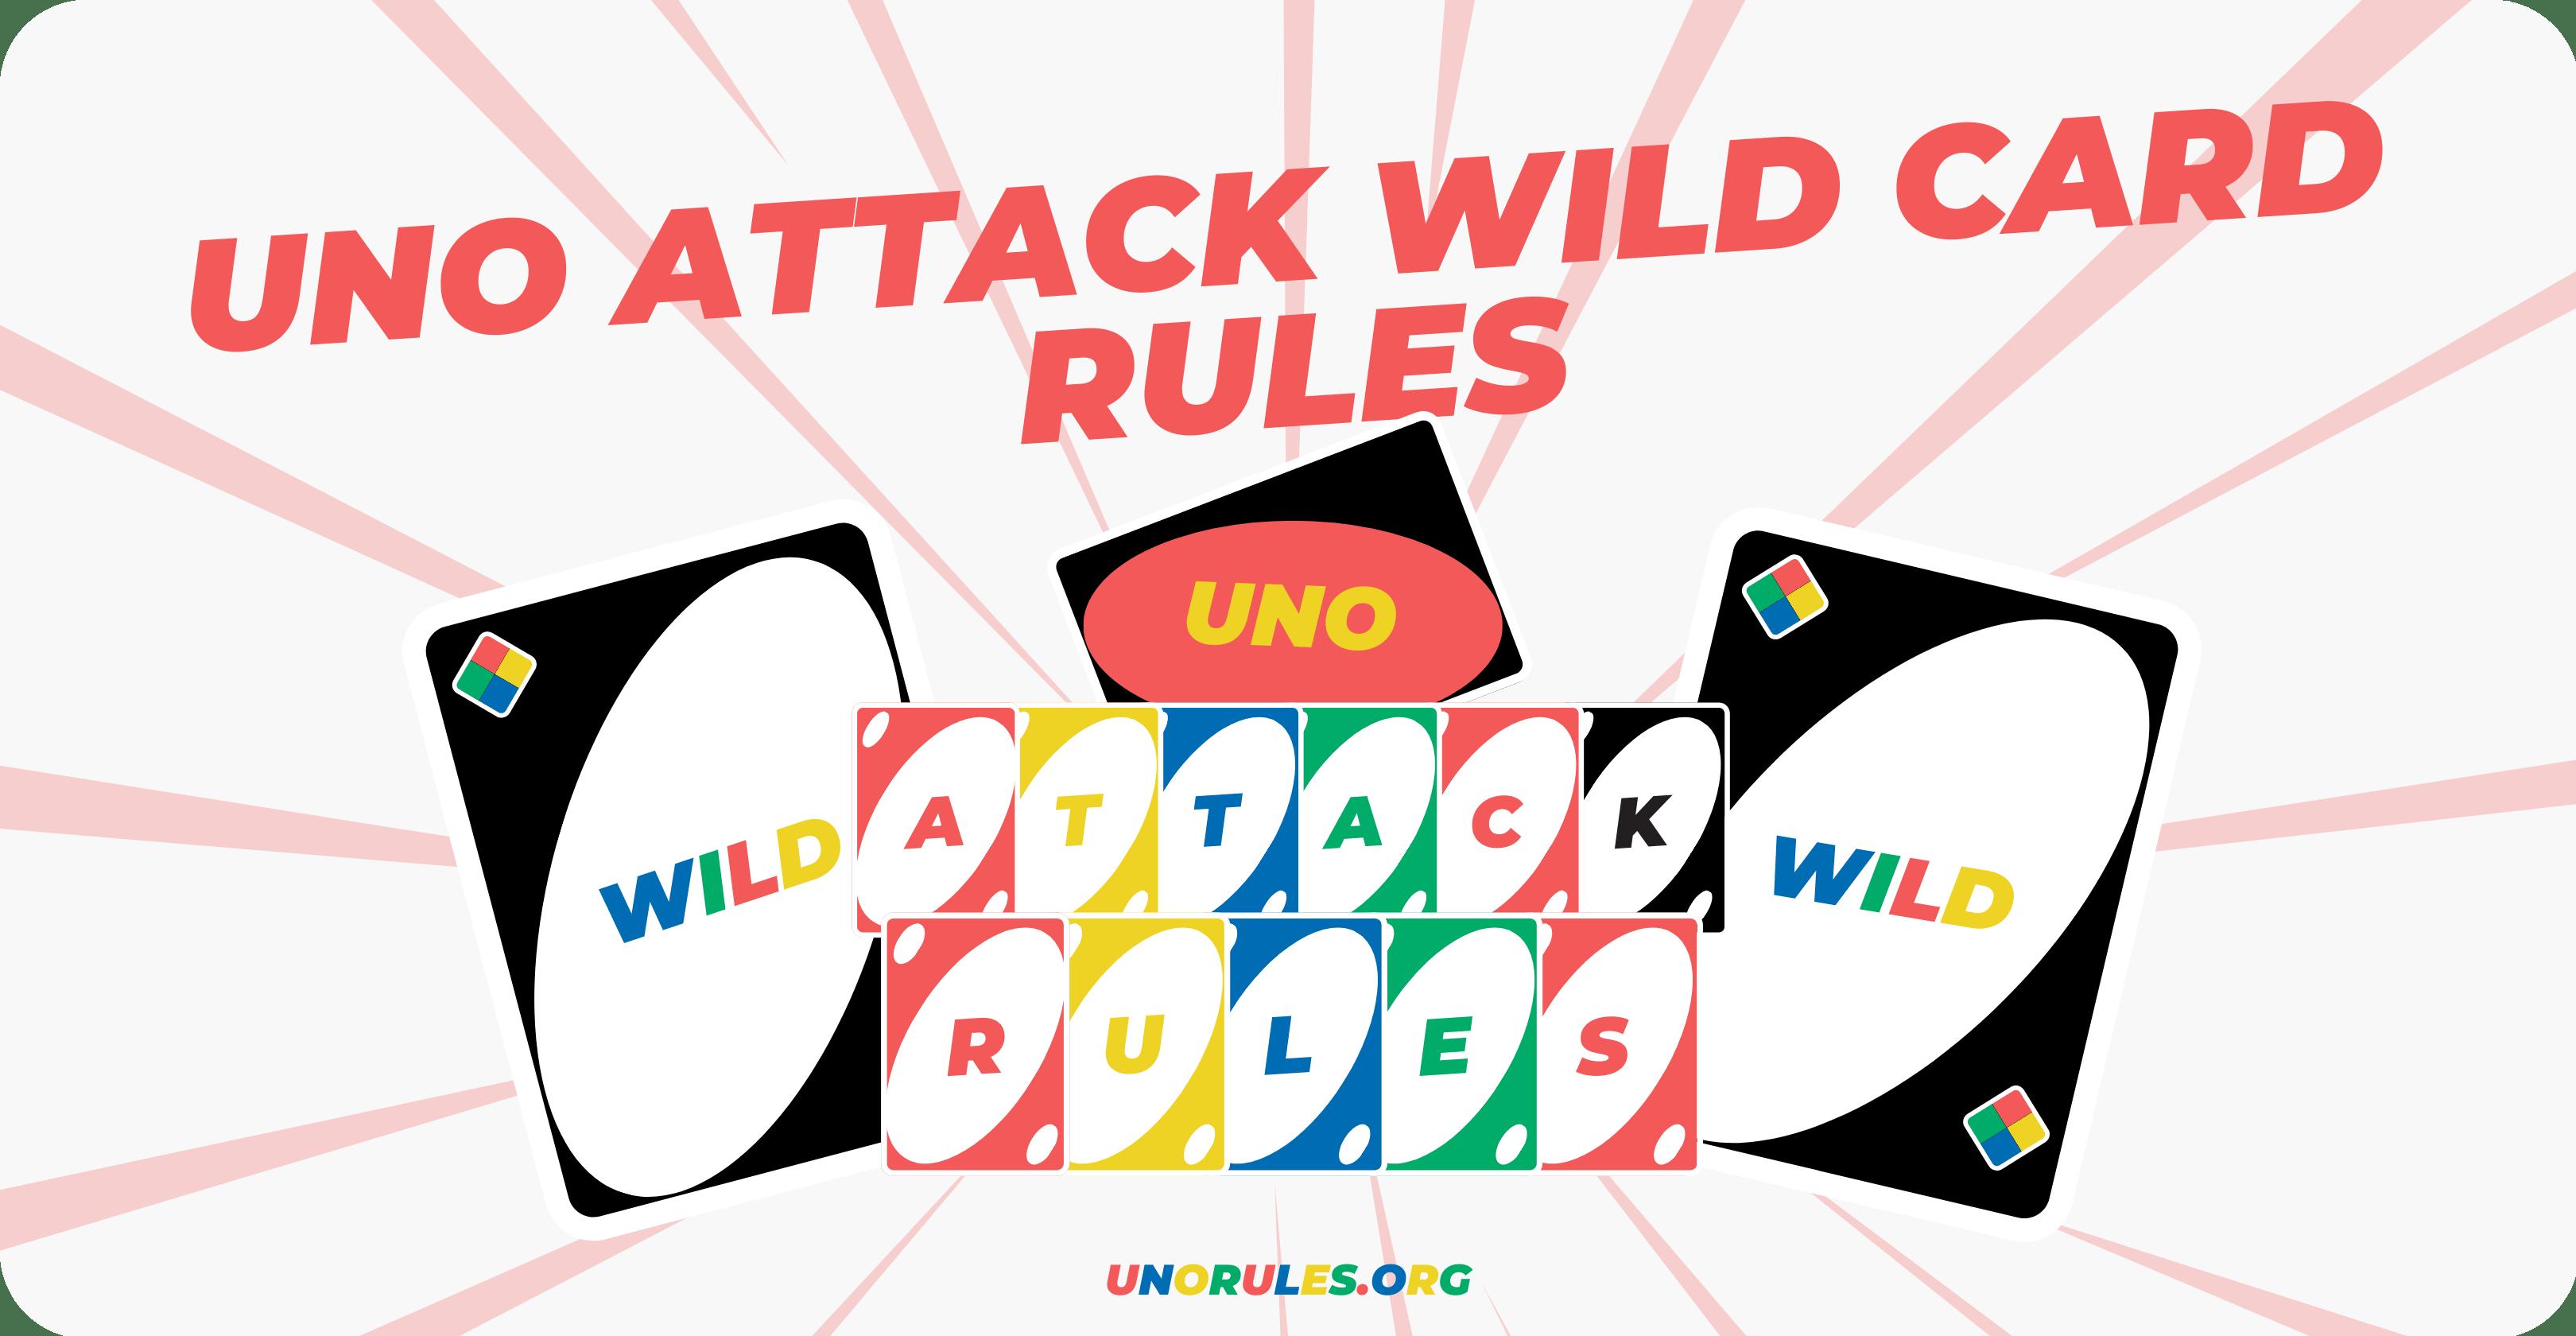 Uno attack Wild card rules